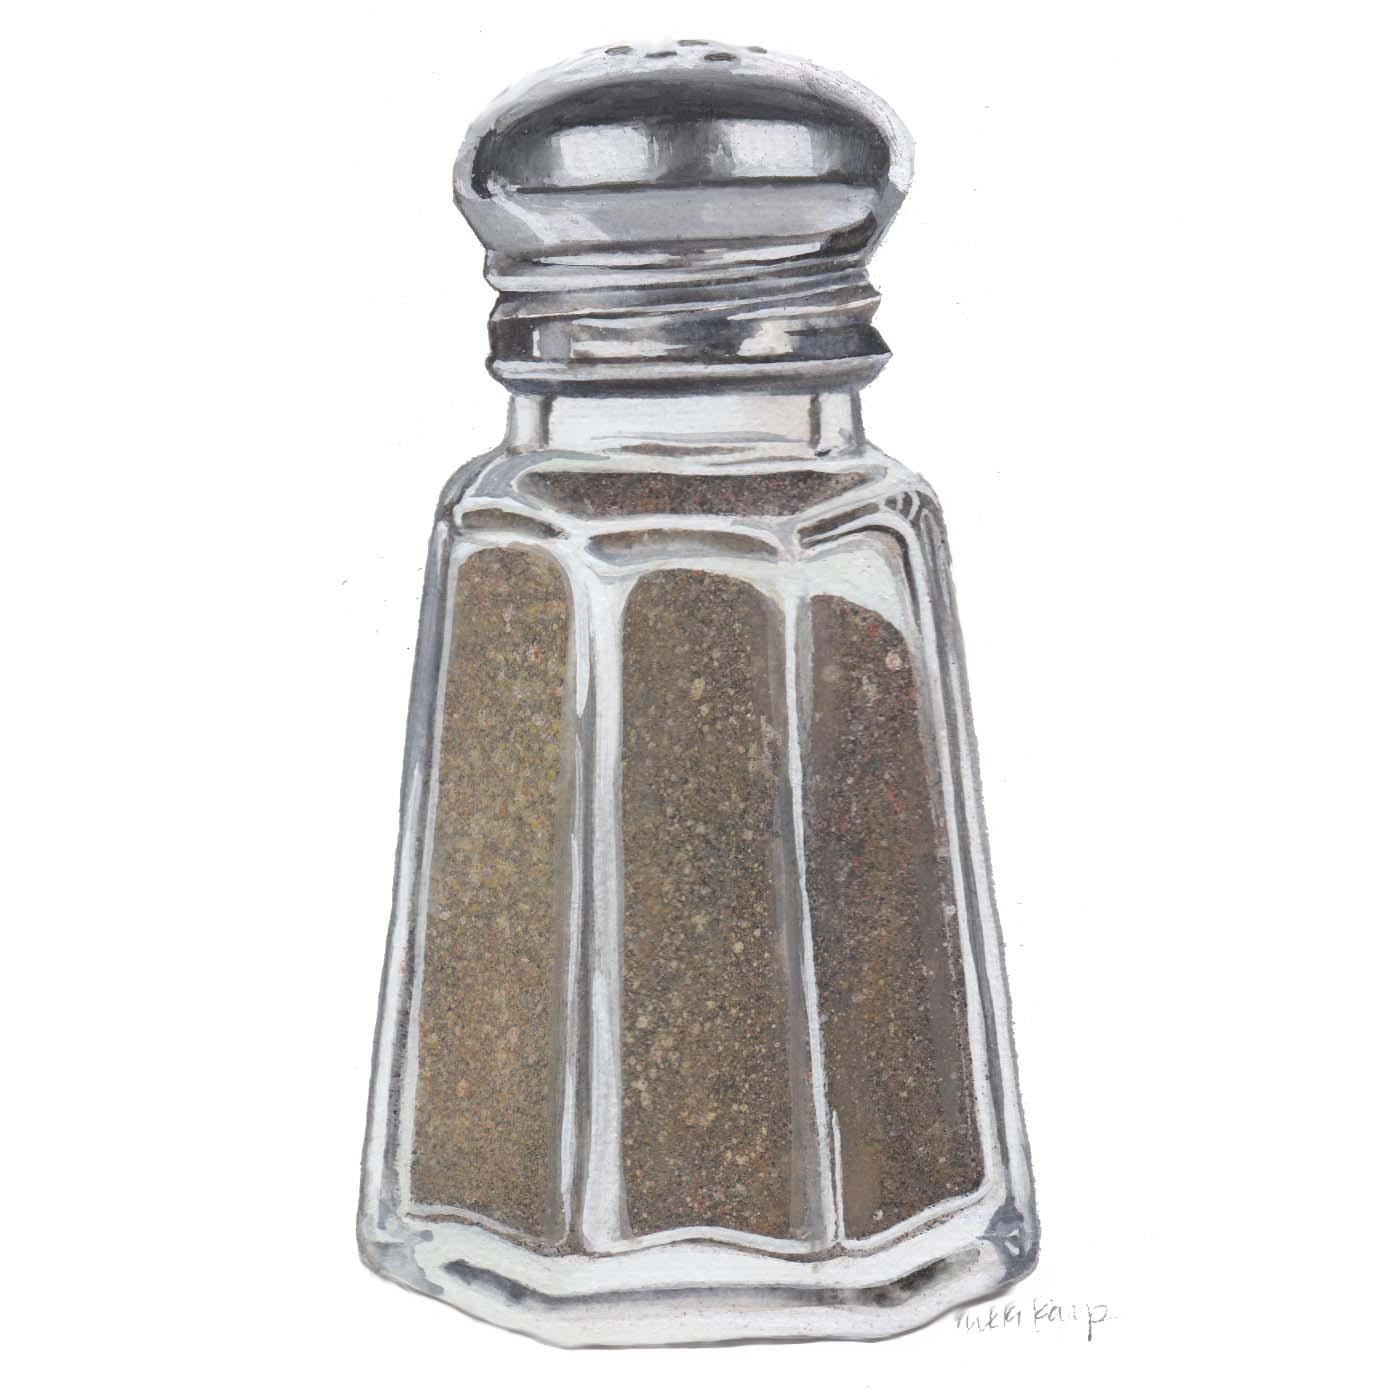 Condimental_Pepper_Shaker_Edit.jpg